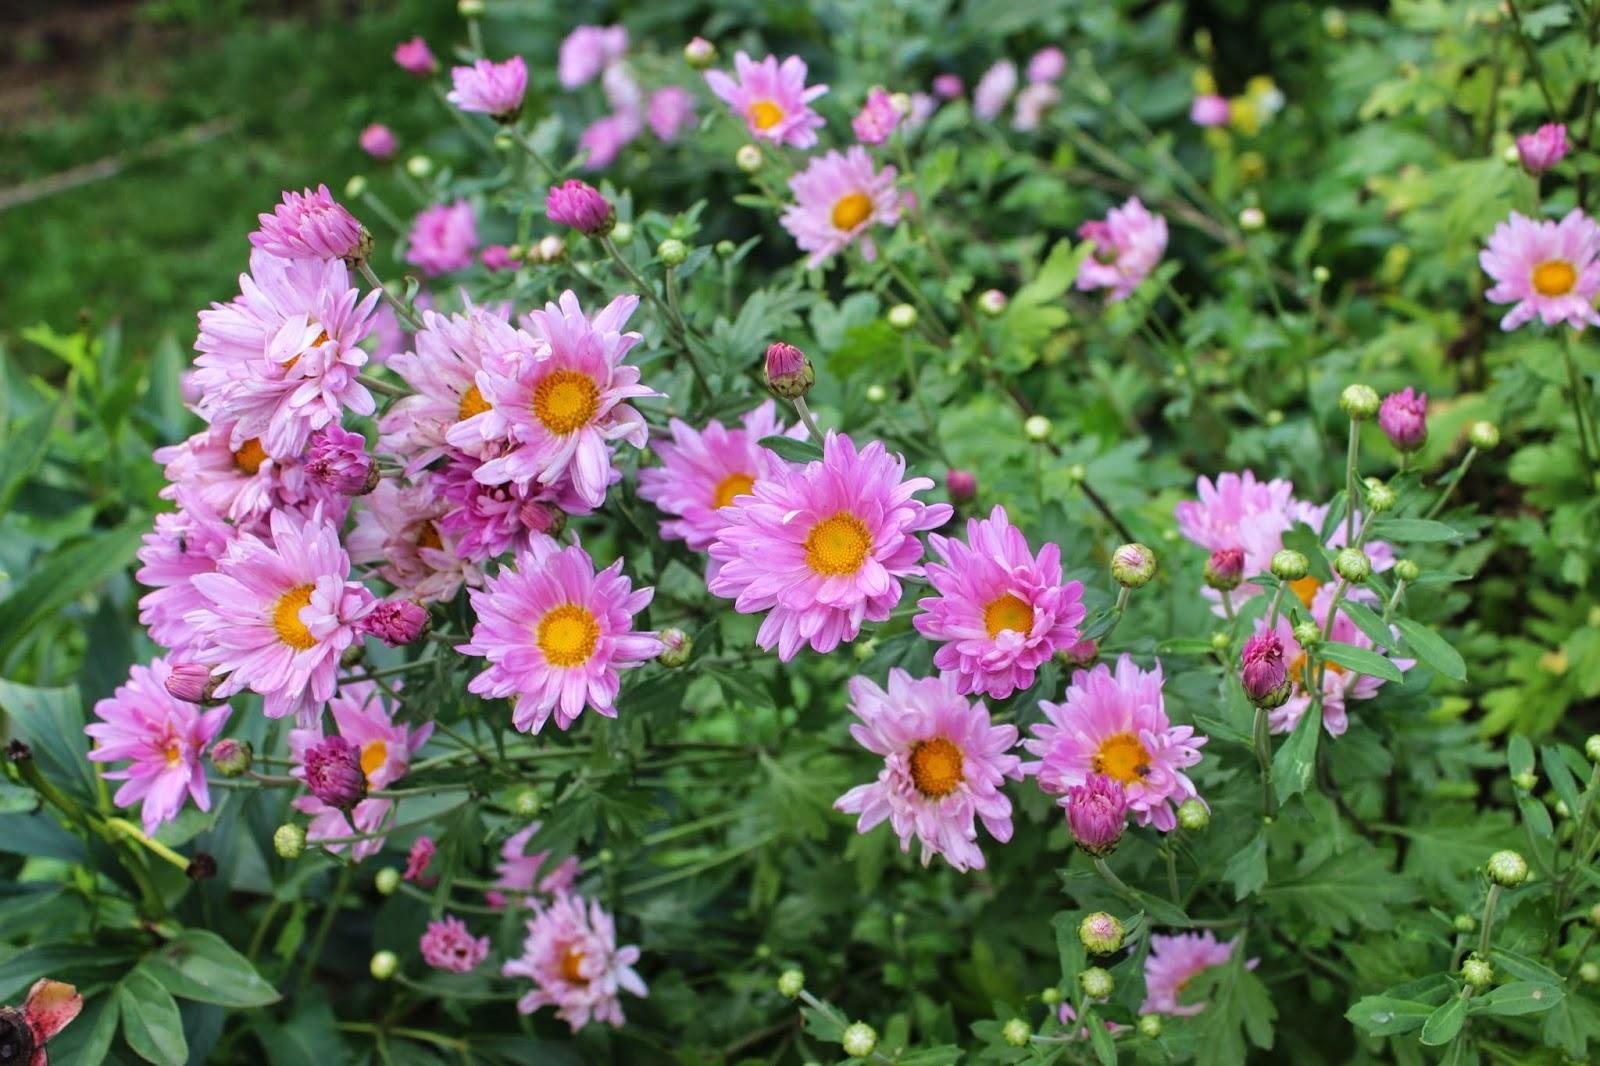 хризантема с розовыми цветами